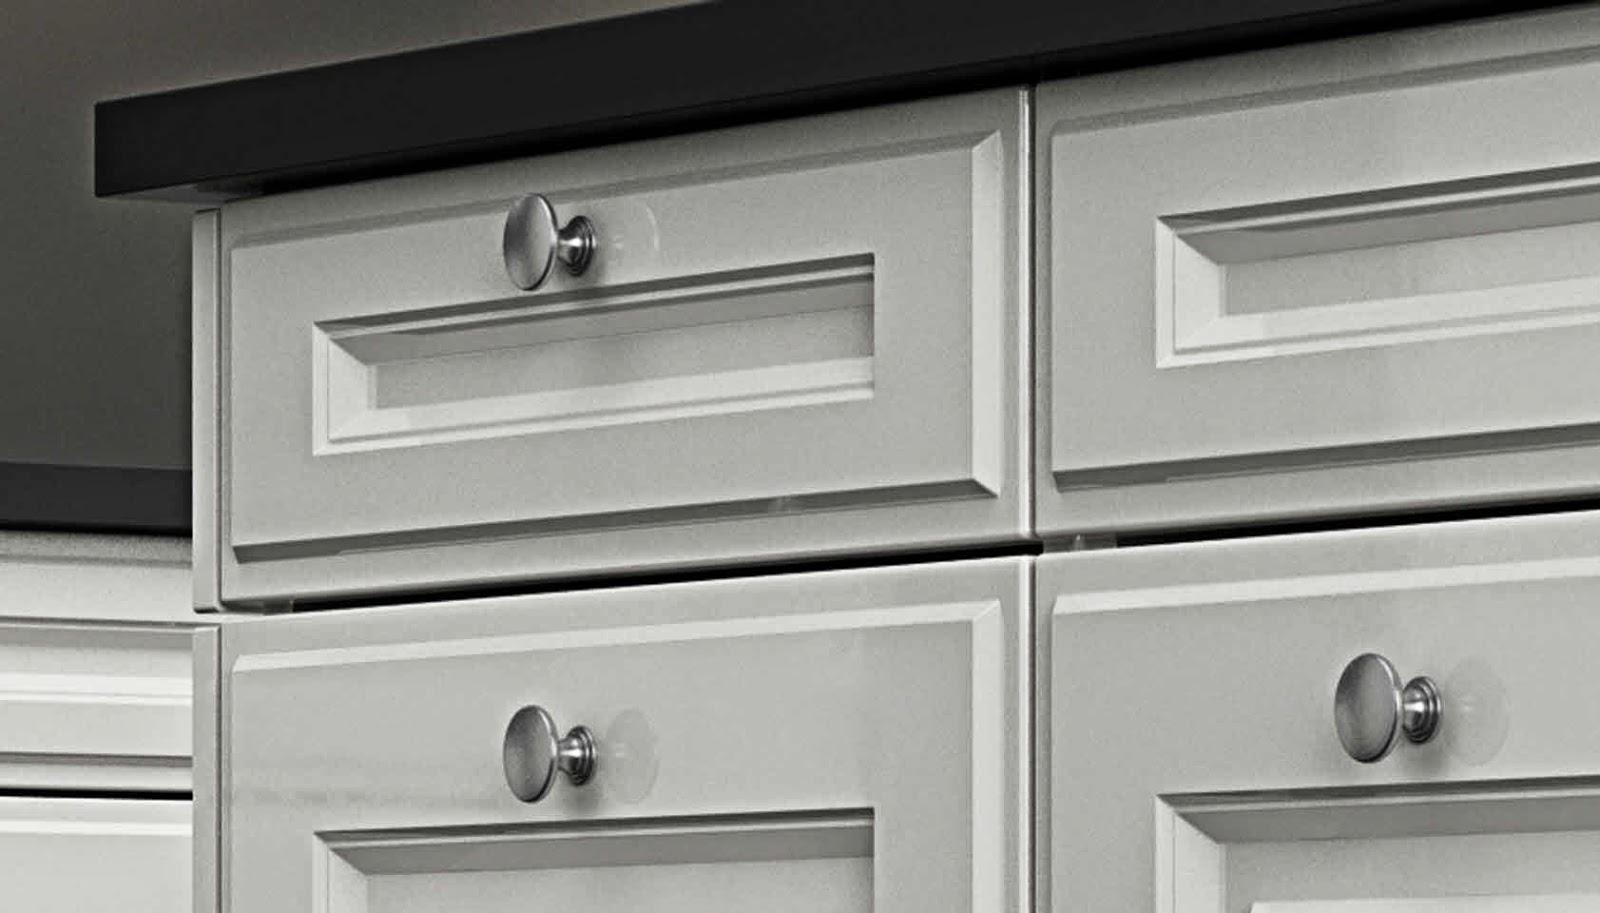 Tiradores de cocina peque os y necesarios accesorios for Tiradores para muebles de cocina